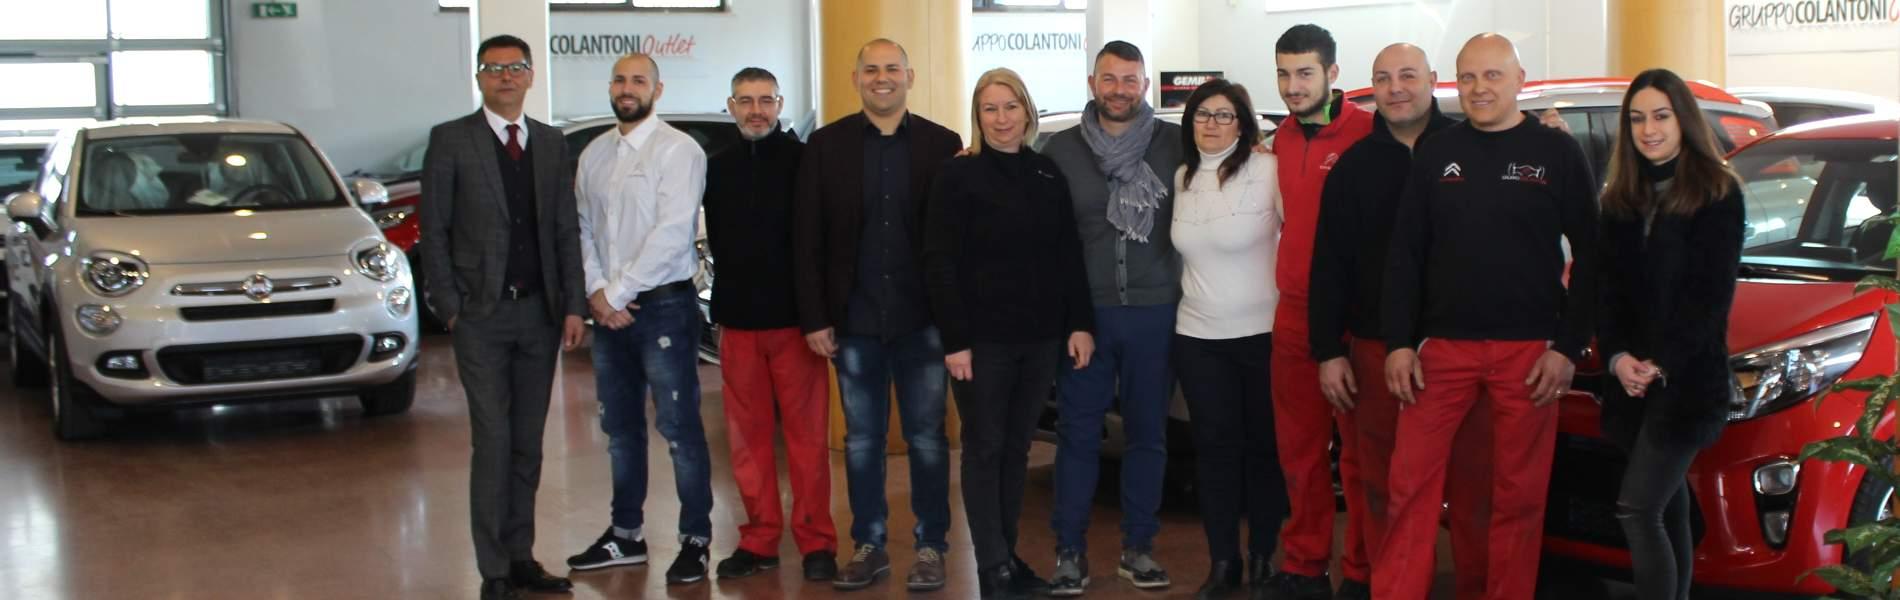 Gruppo Colantoni S.r.l. Fiumicino